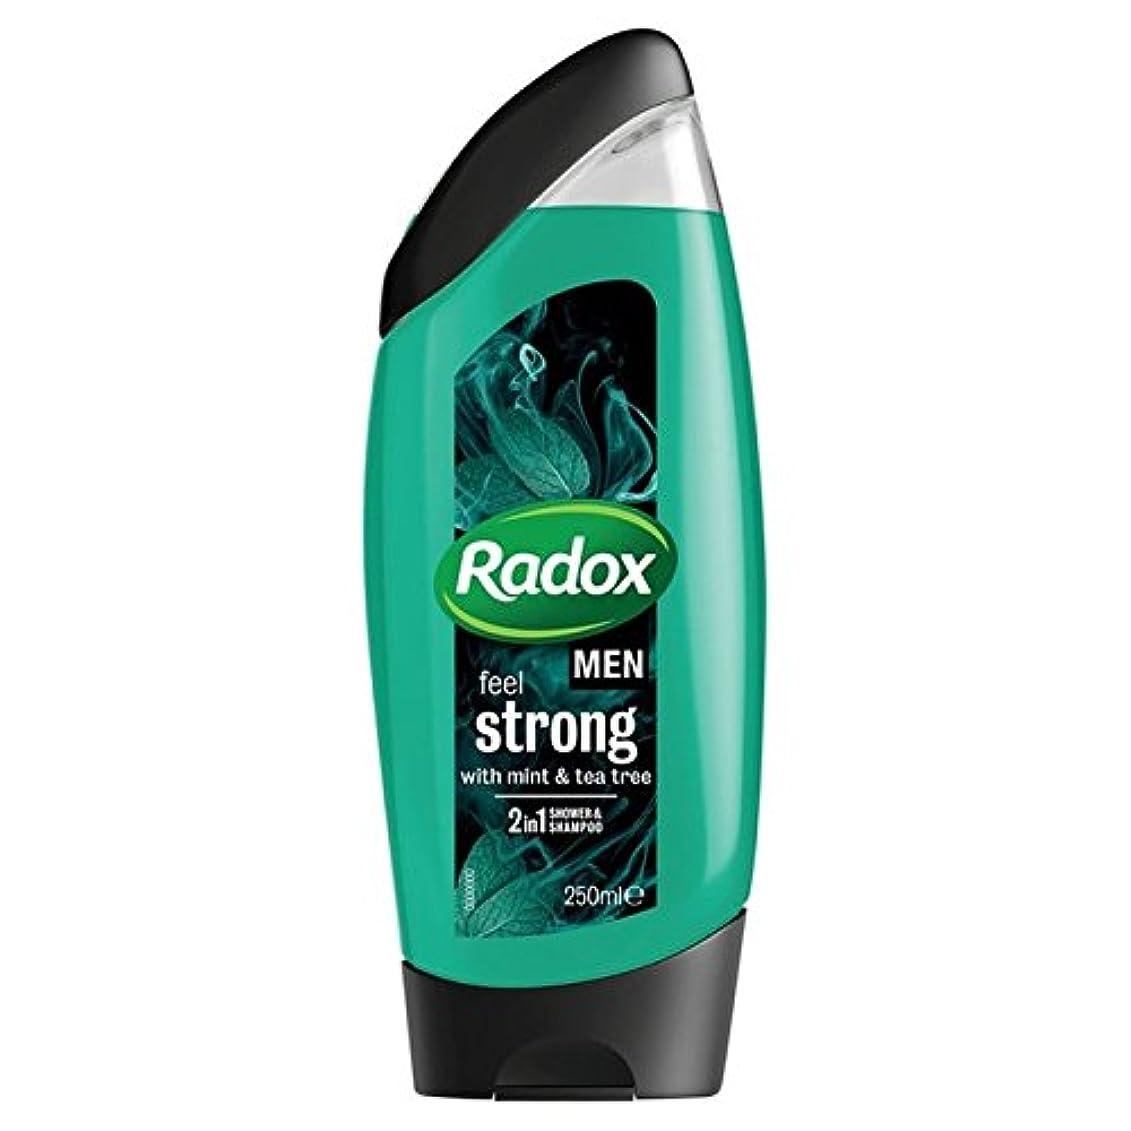 深さみがきますためらうRadox Men Feel Strong Mint & Tea Tree 2in1 Shower Gel 250ml (Pack of 6) - 男性は、強力なミント&ティーツリーの21のシャワージェル250ミリリットルを感じます x6 [並行輸入品]